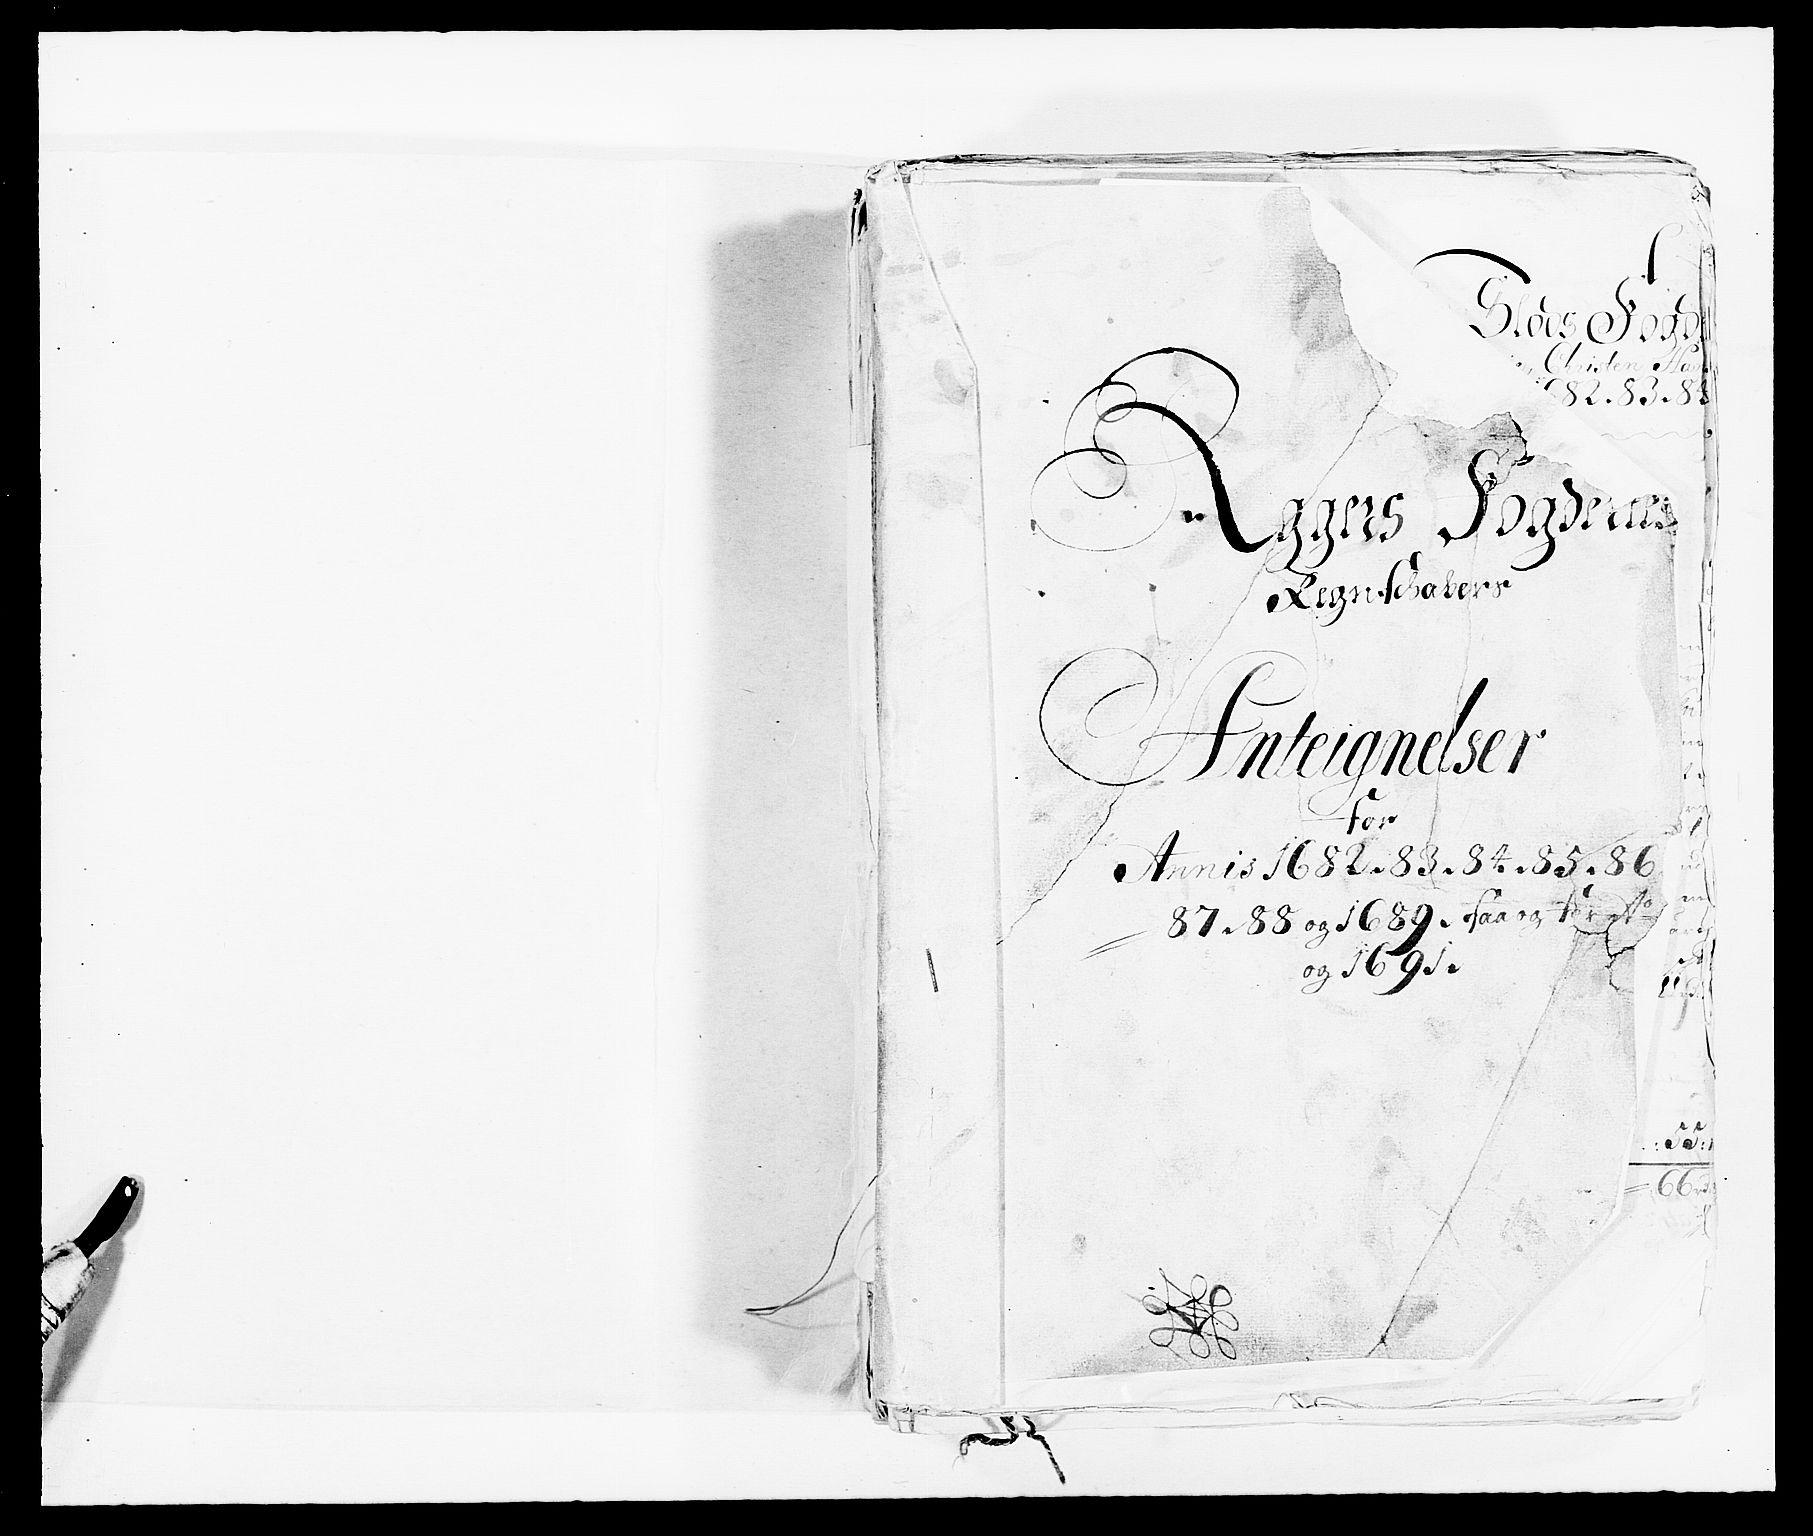 RA, Rentekammeret inntil 1814, Reviderte regnskaper, Fogderegnskap, R08/L0425: Fogderegnskap Aker, 1690-1691, s. 245